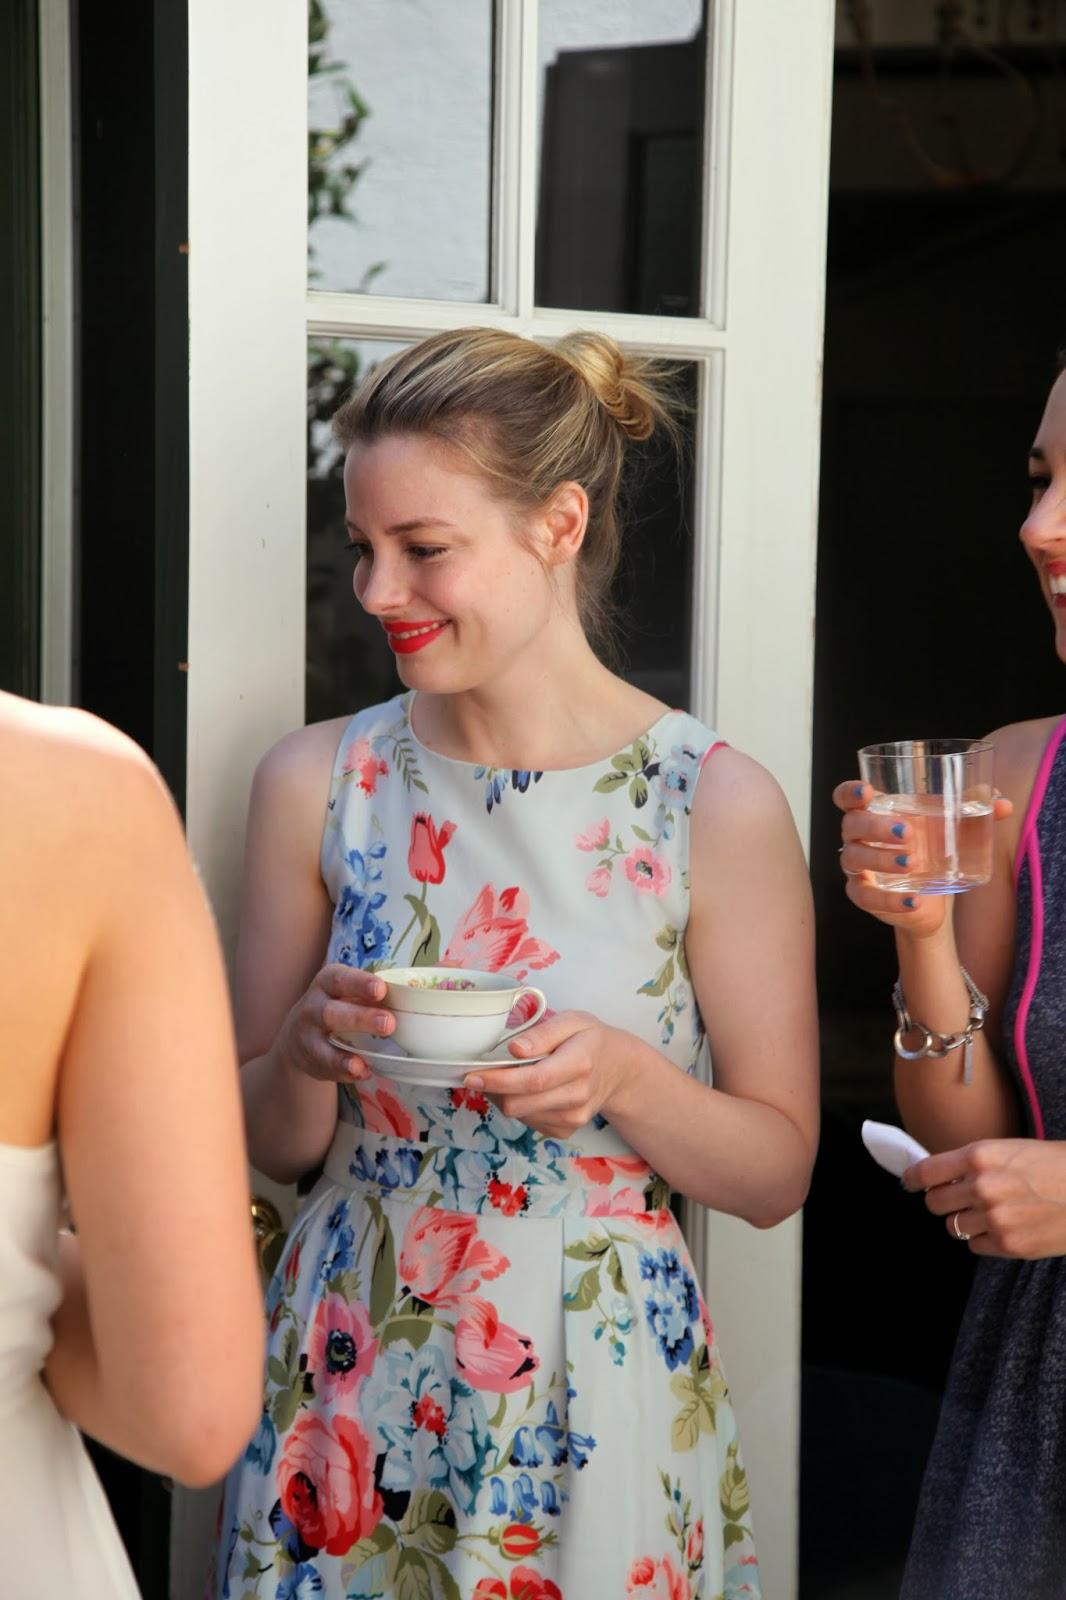 Une Fille French Teenage Fashion For Spring 2016: Après Fête: Une Belle Fete Pour Une Belle Fille